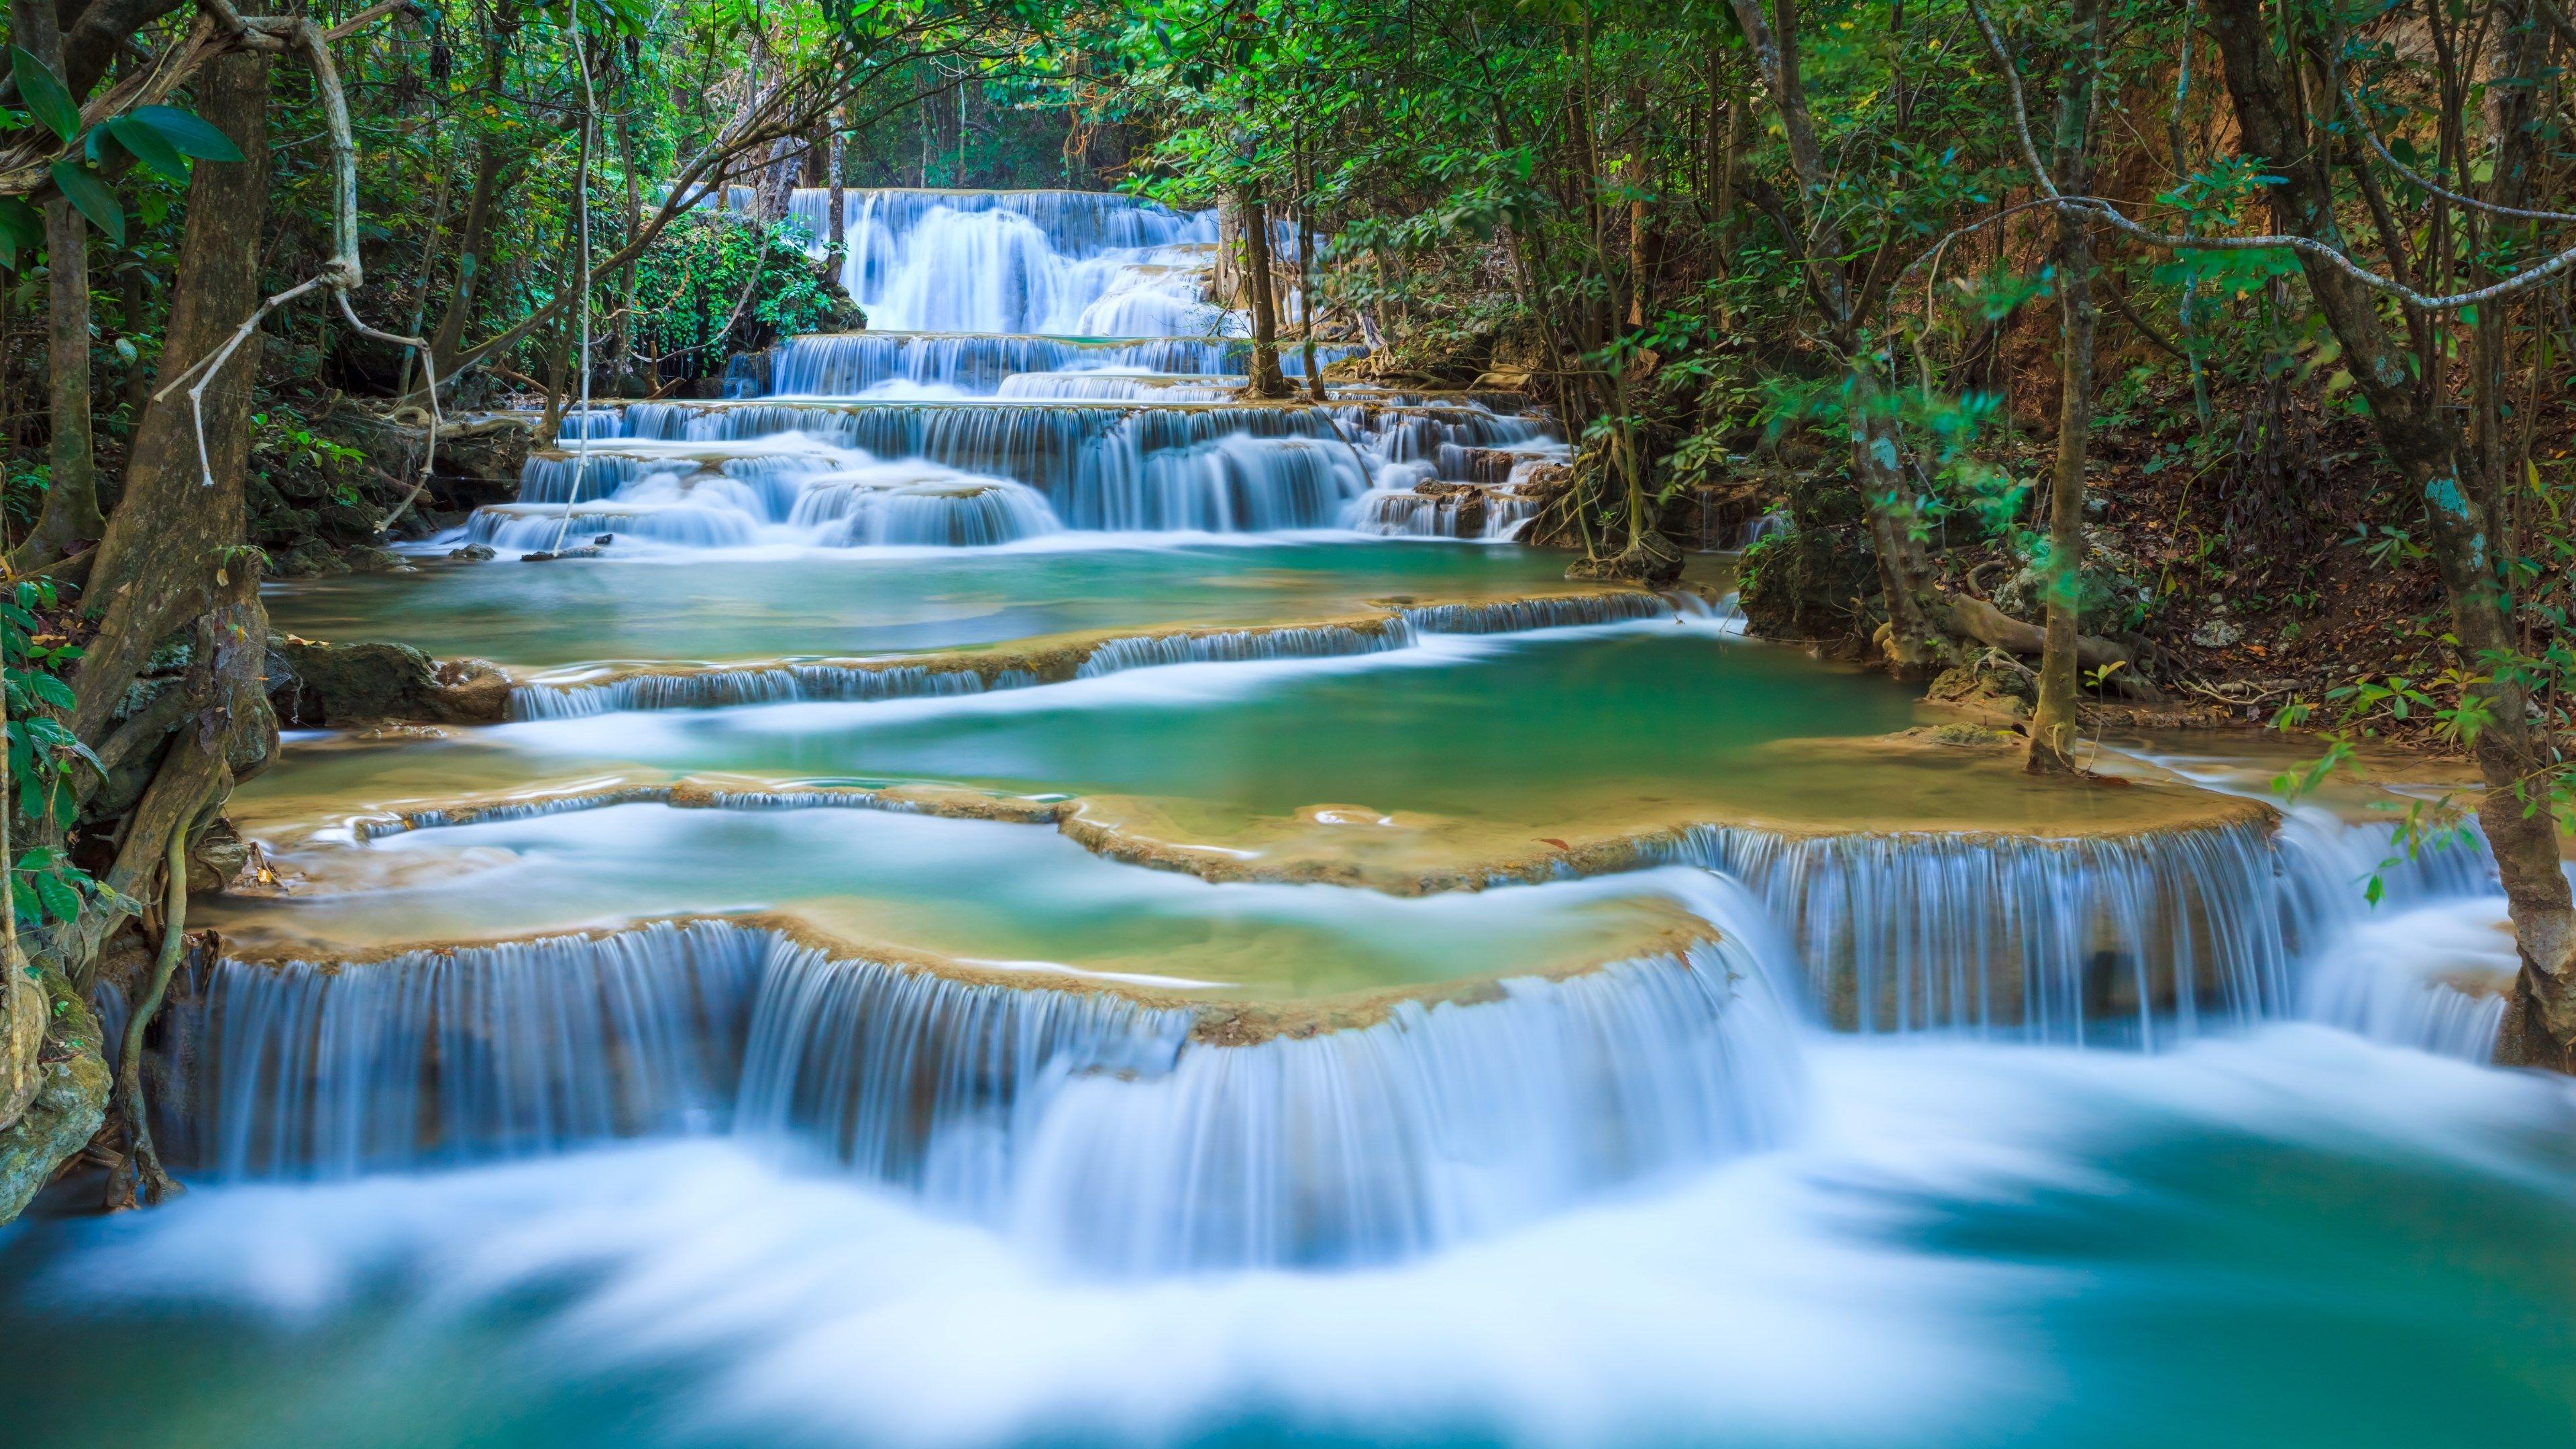 #4k erawan waterfall (3840x2160)